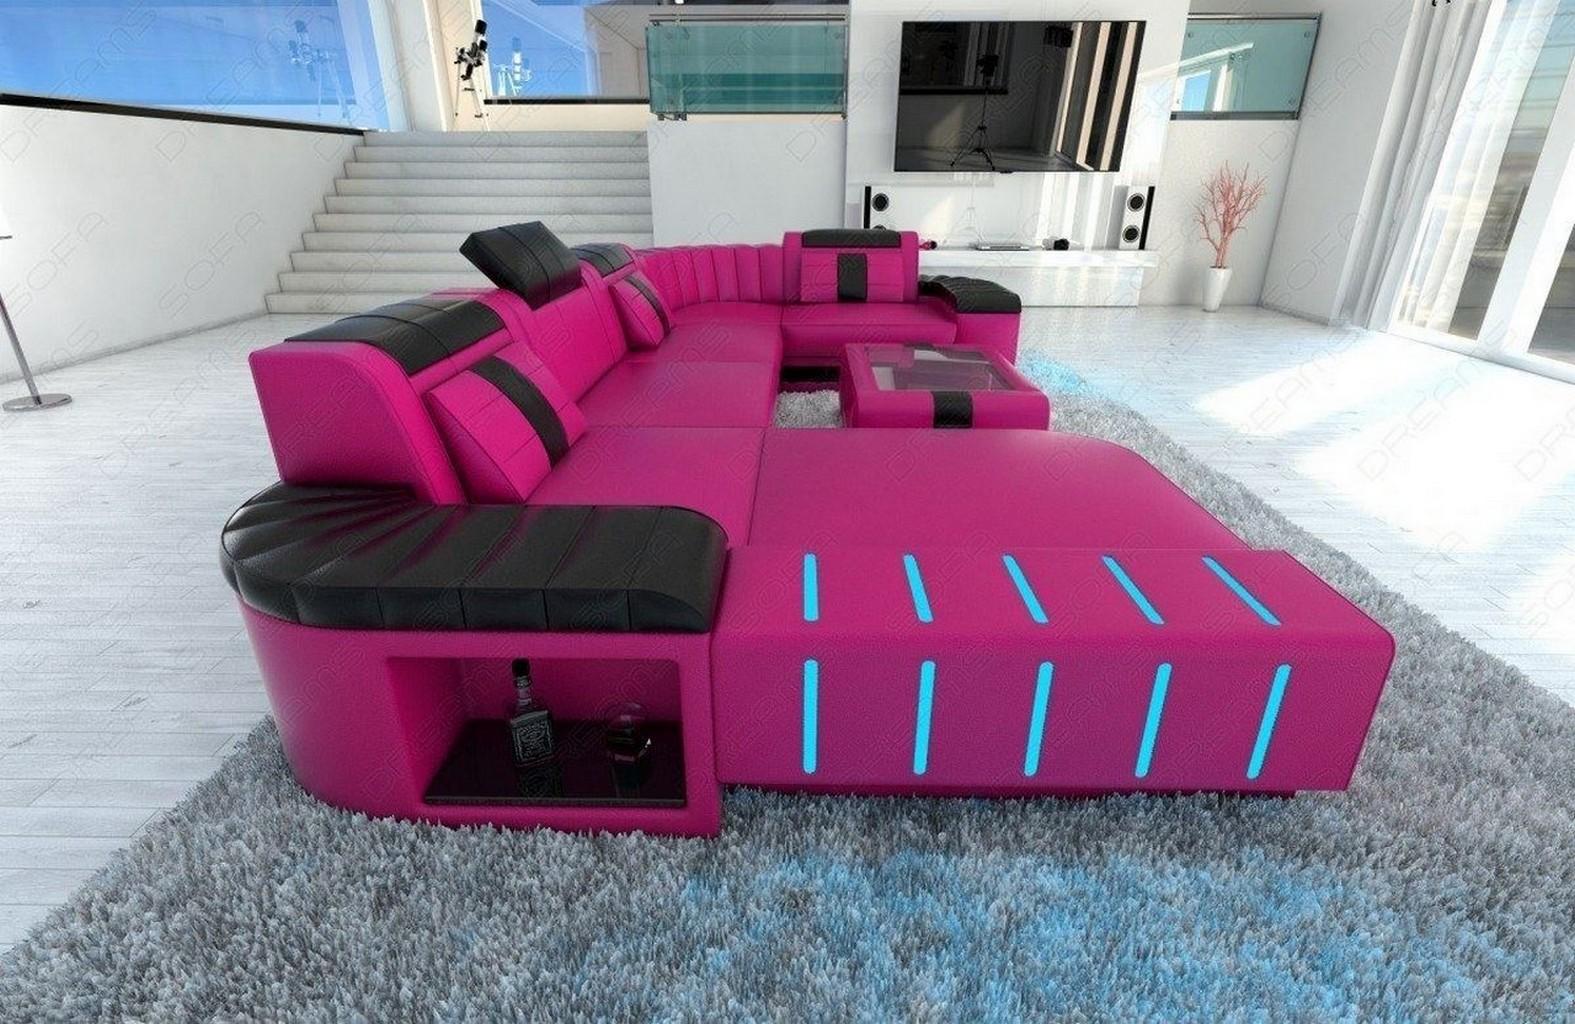 design sectional sofa bellagio led u shape pink black ebay. Black Bedroom Furniture Sets. Home Design Ideas